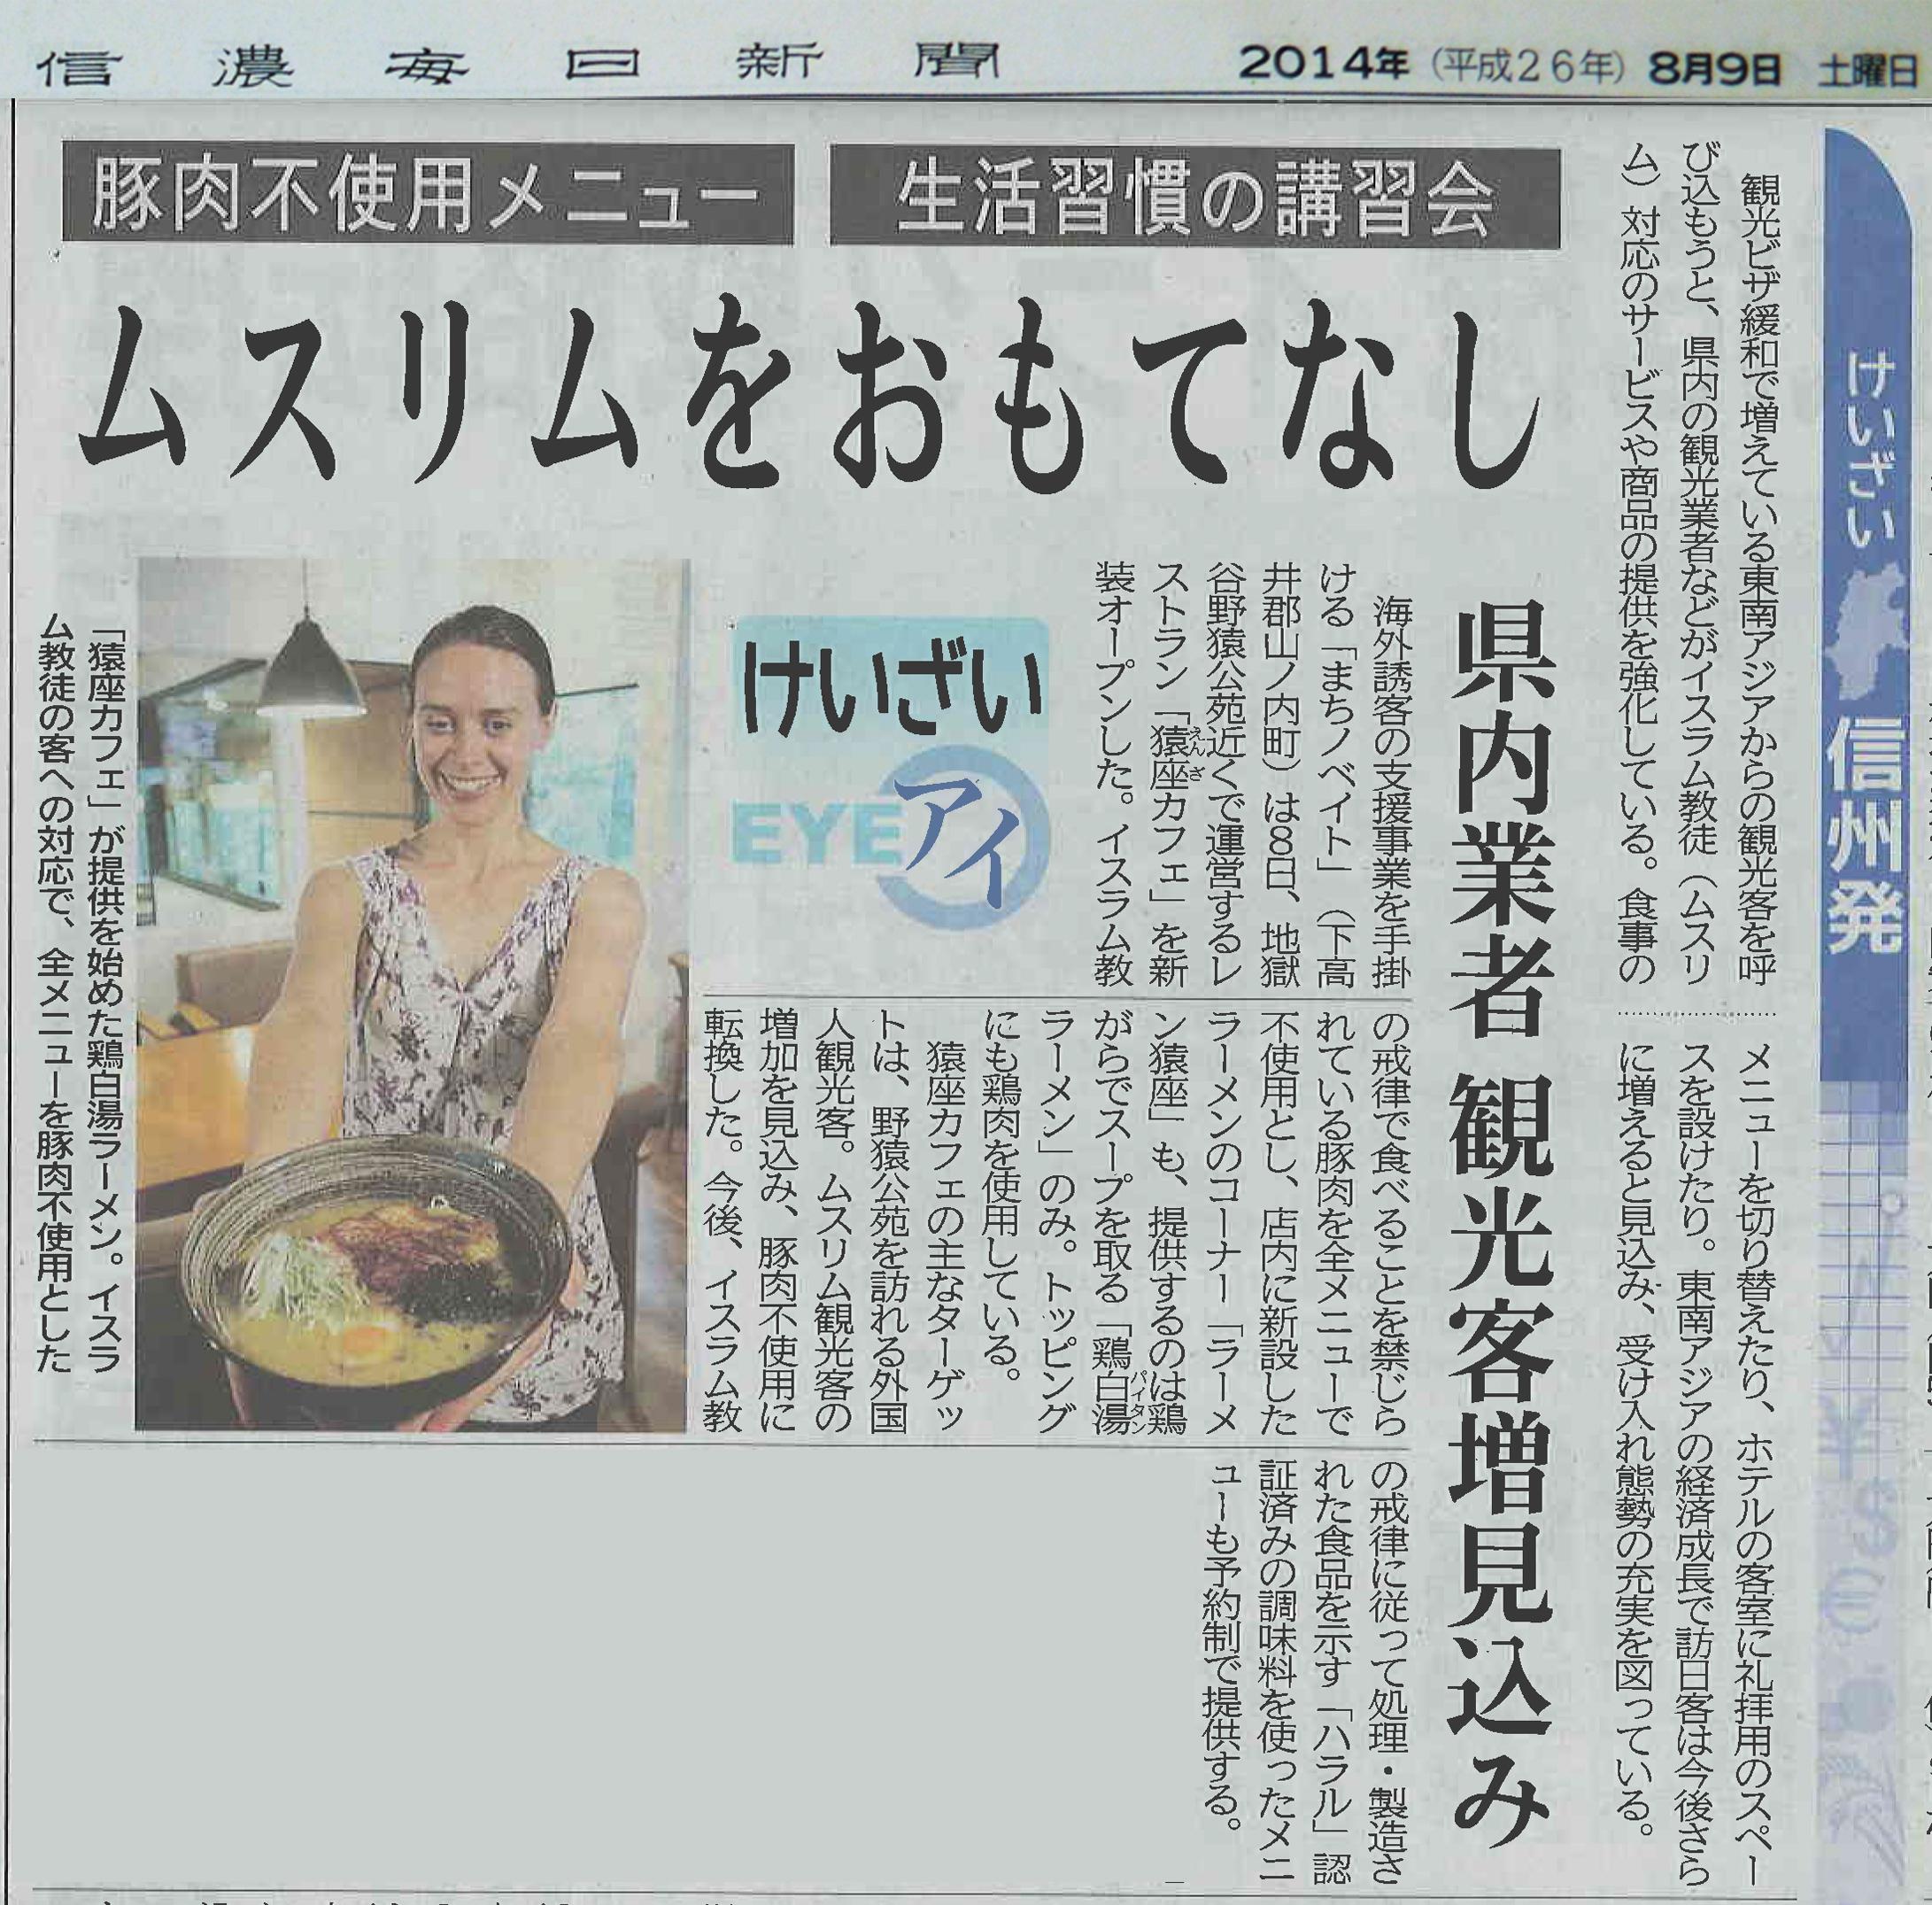 20140809_信濃毎日新聞_猿座記事